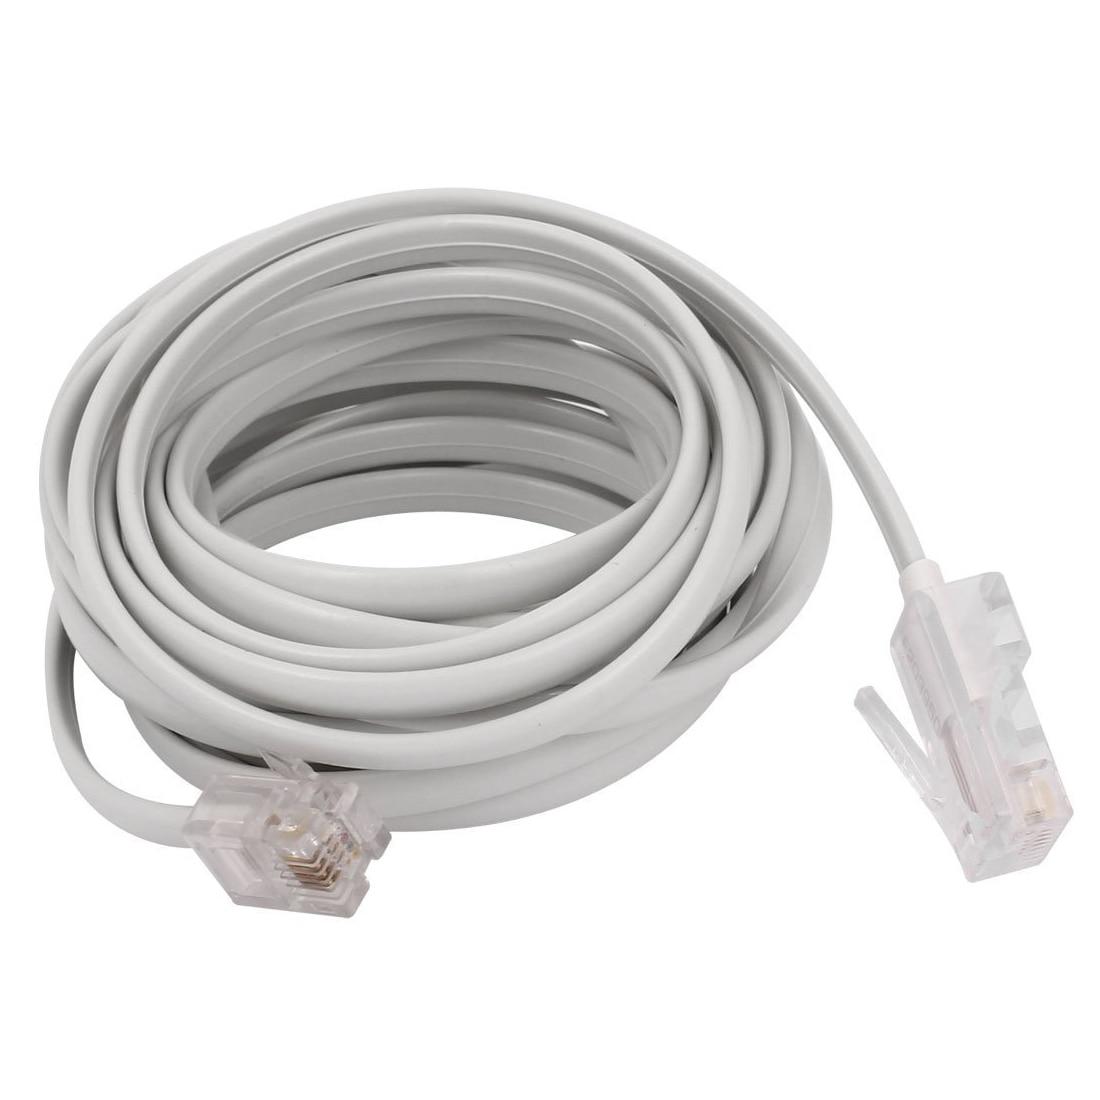 Rj11 6p4c Için Rj45 8p4c Modüler Telefon Internet Uzatma Kablosu 3 Metre Cable 3 Cable Internetcable Extension Cable Aliexpress